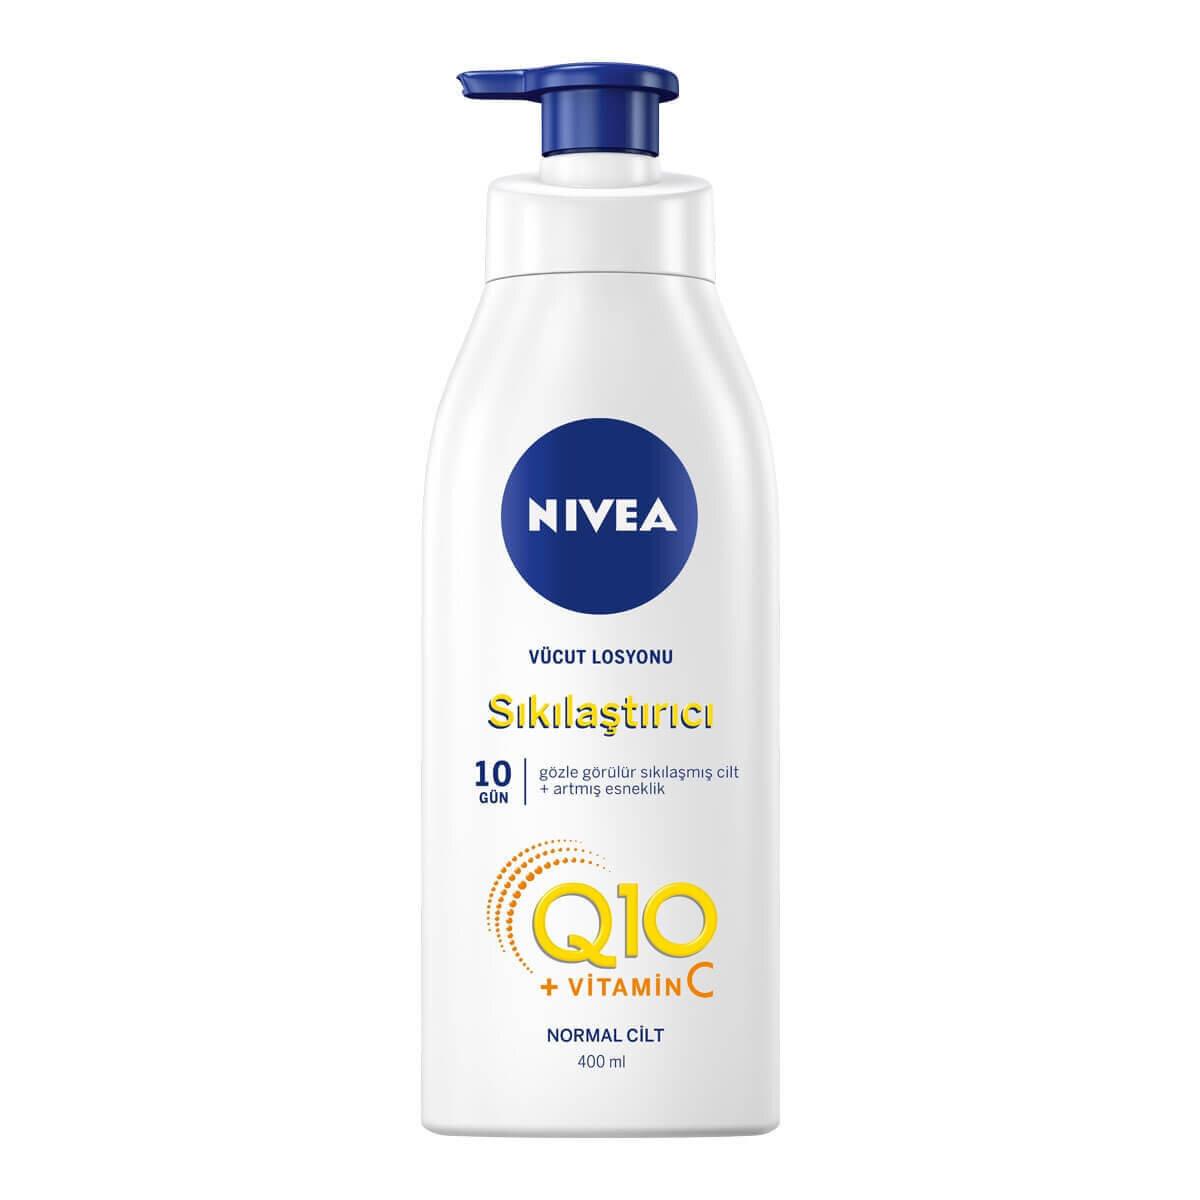 Q10 Sıkılaştırıcı Vücut Losyonu 400 ml